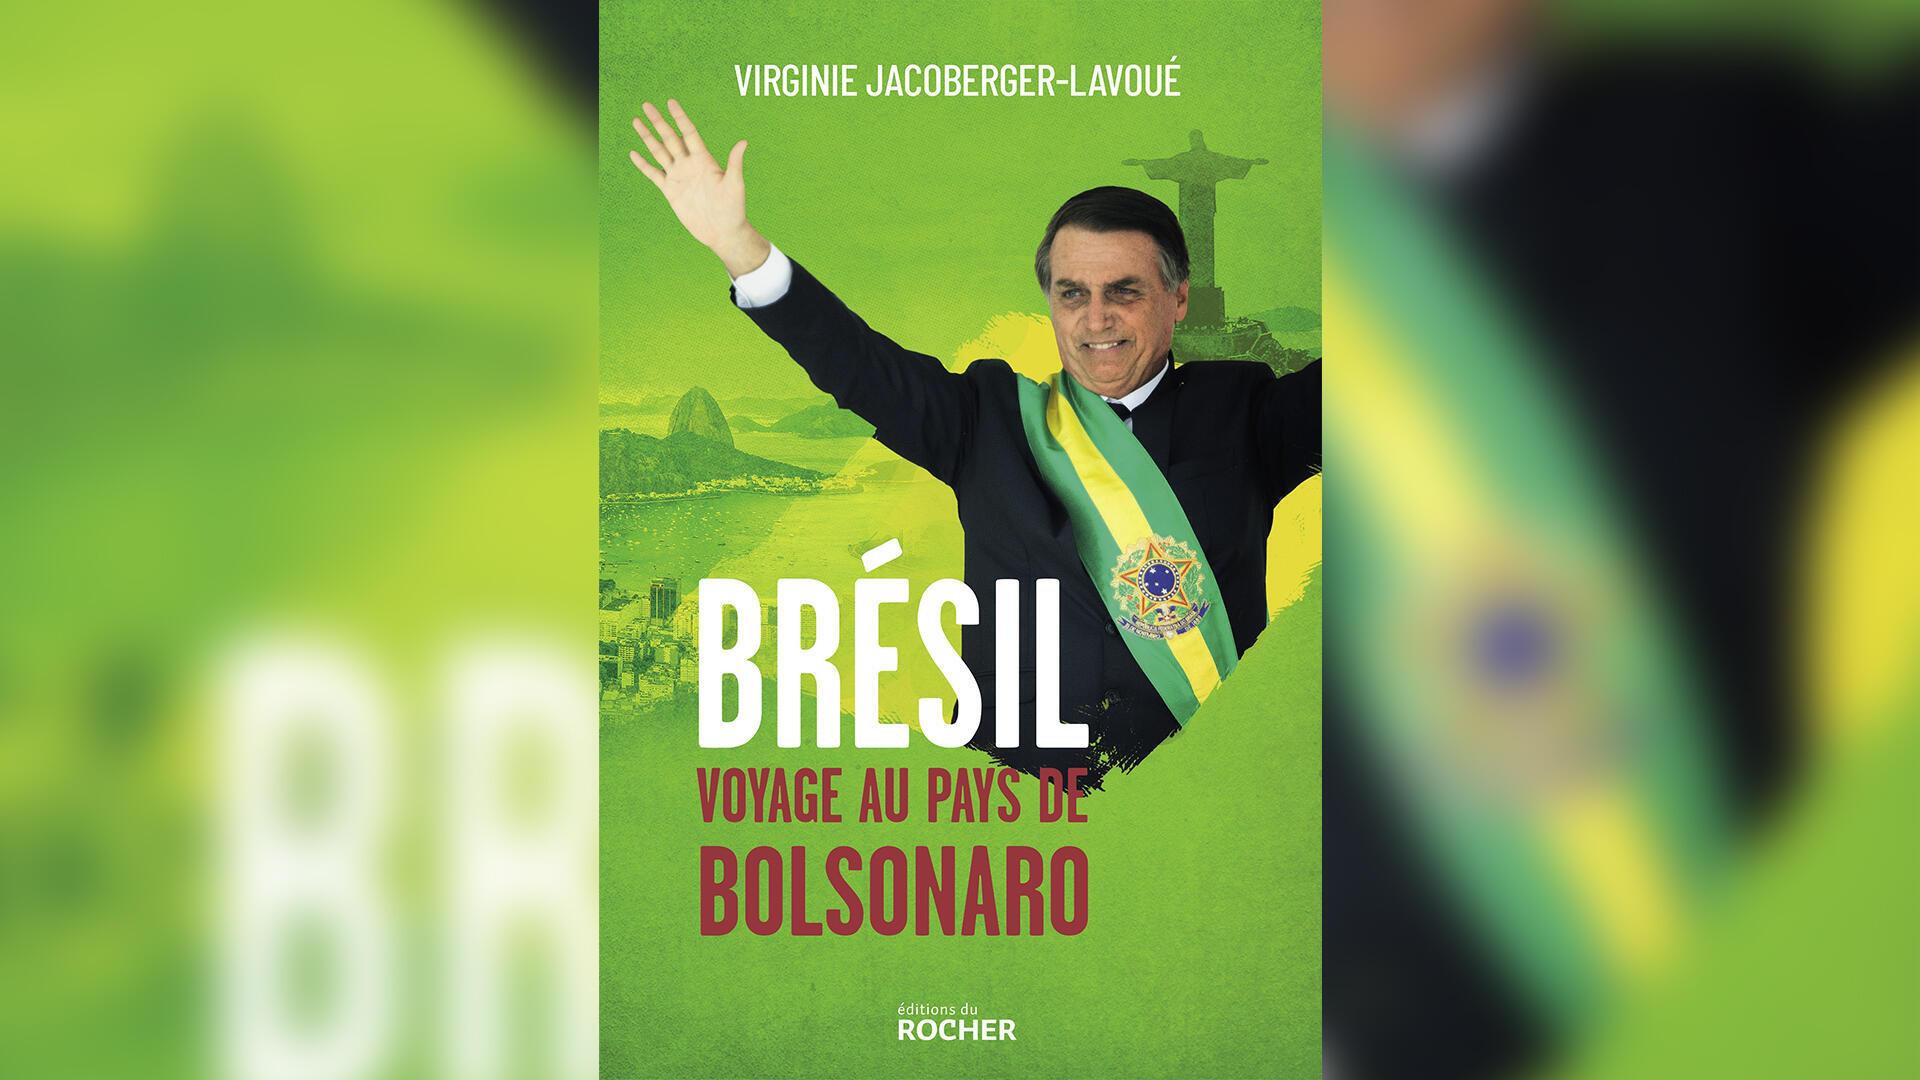 «Brésil,Voyage au pays de Bolsonaro», de Virginie Jacoberger-Lavoué